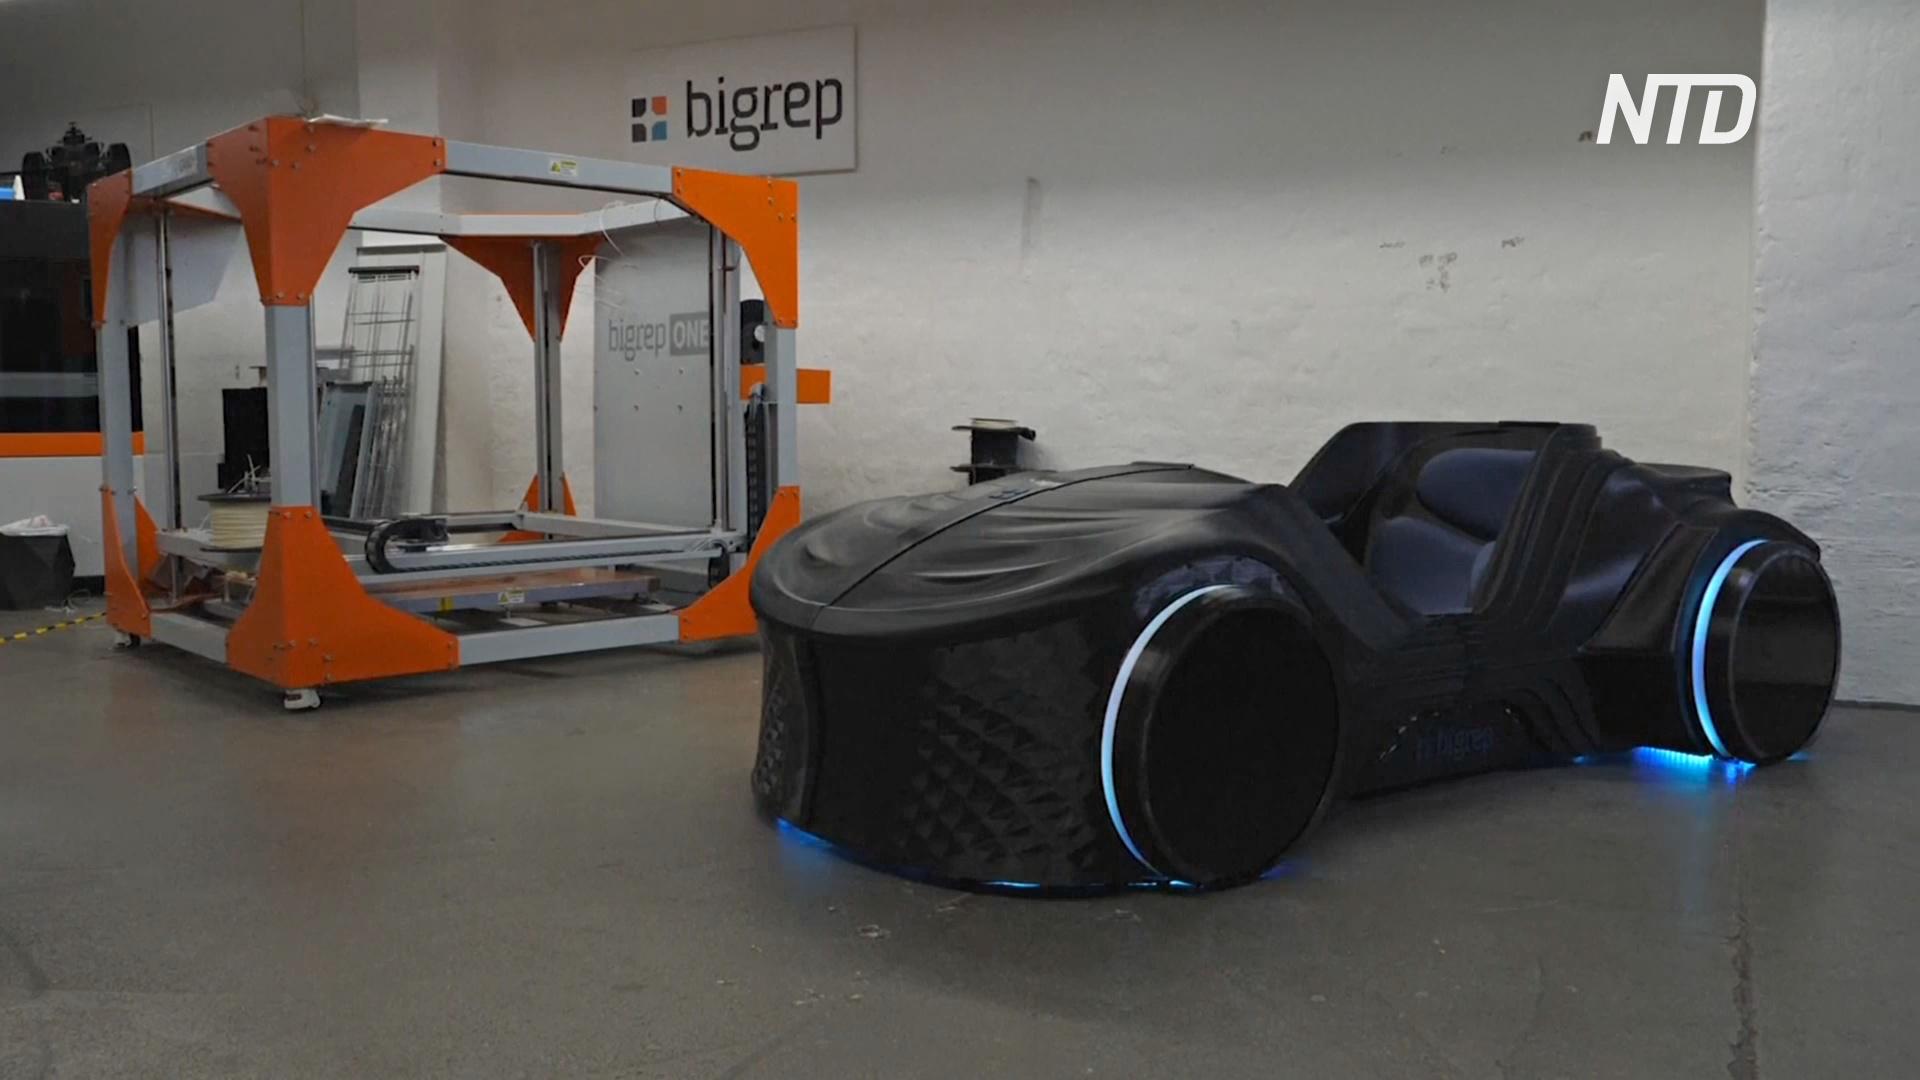 Немецкая компания сделала прототип 3D-печатного автомобиля